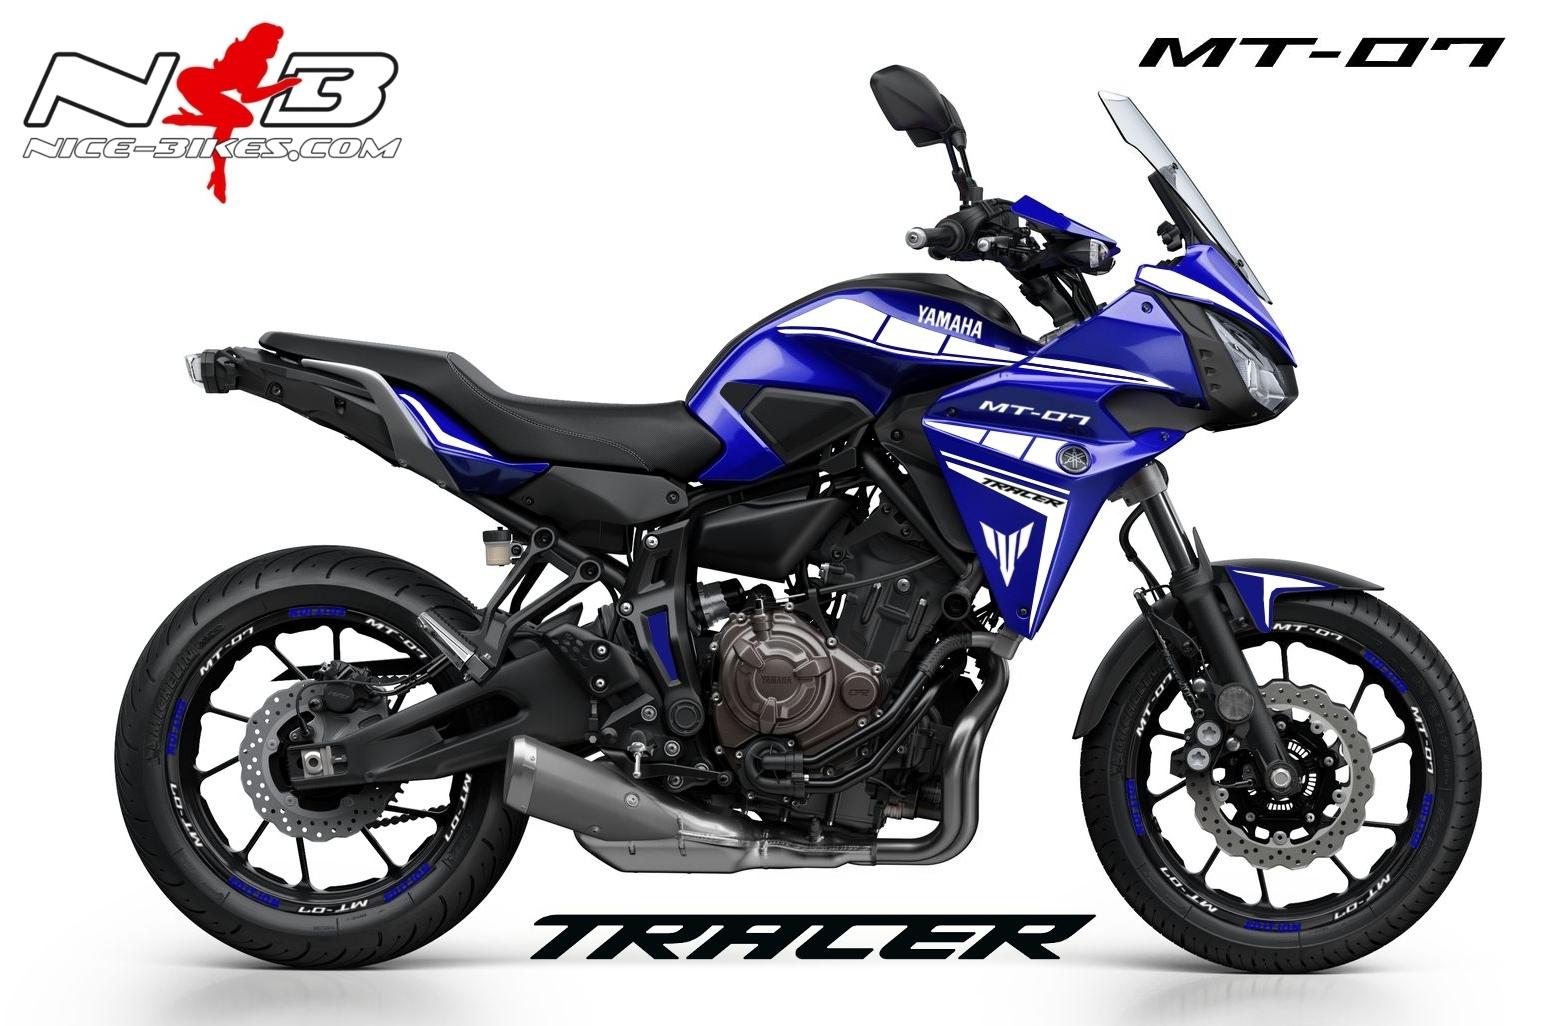 MT07 Tracer weiß auf blauer Maschine